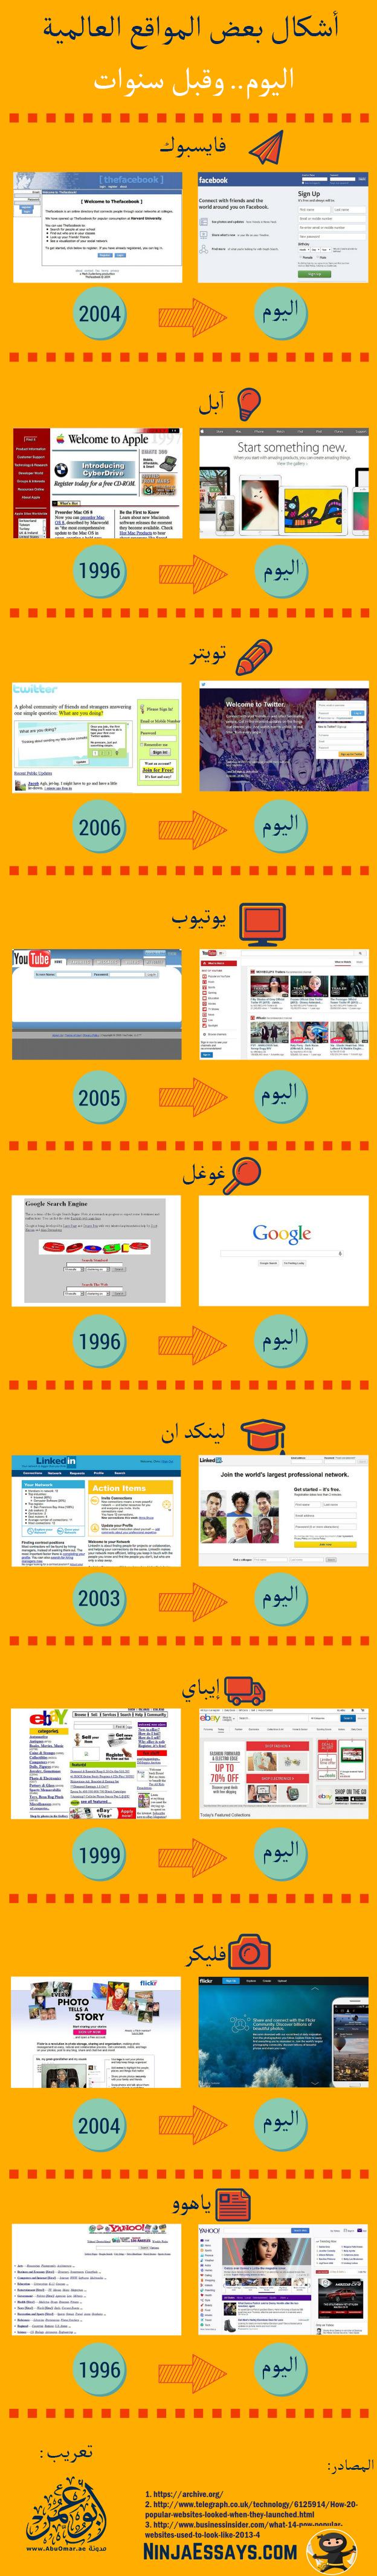 أشكال بعض المواقع العالمية اليوم وقبل سنوات #انفوجرافيك